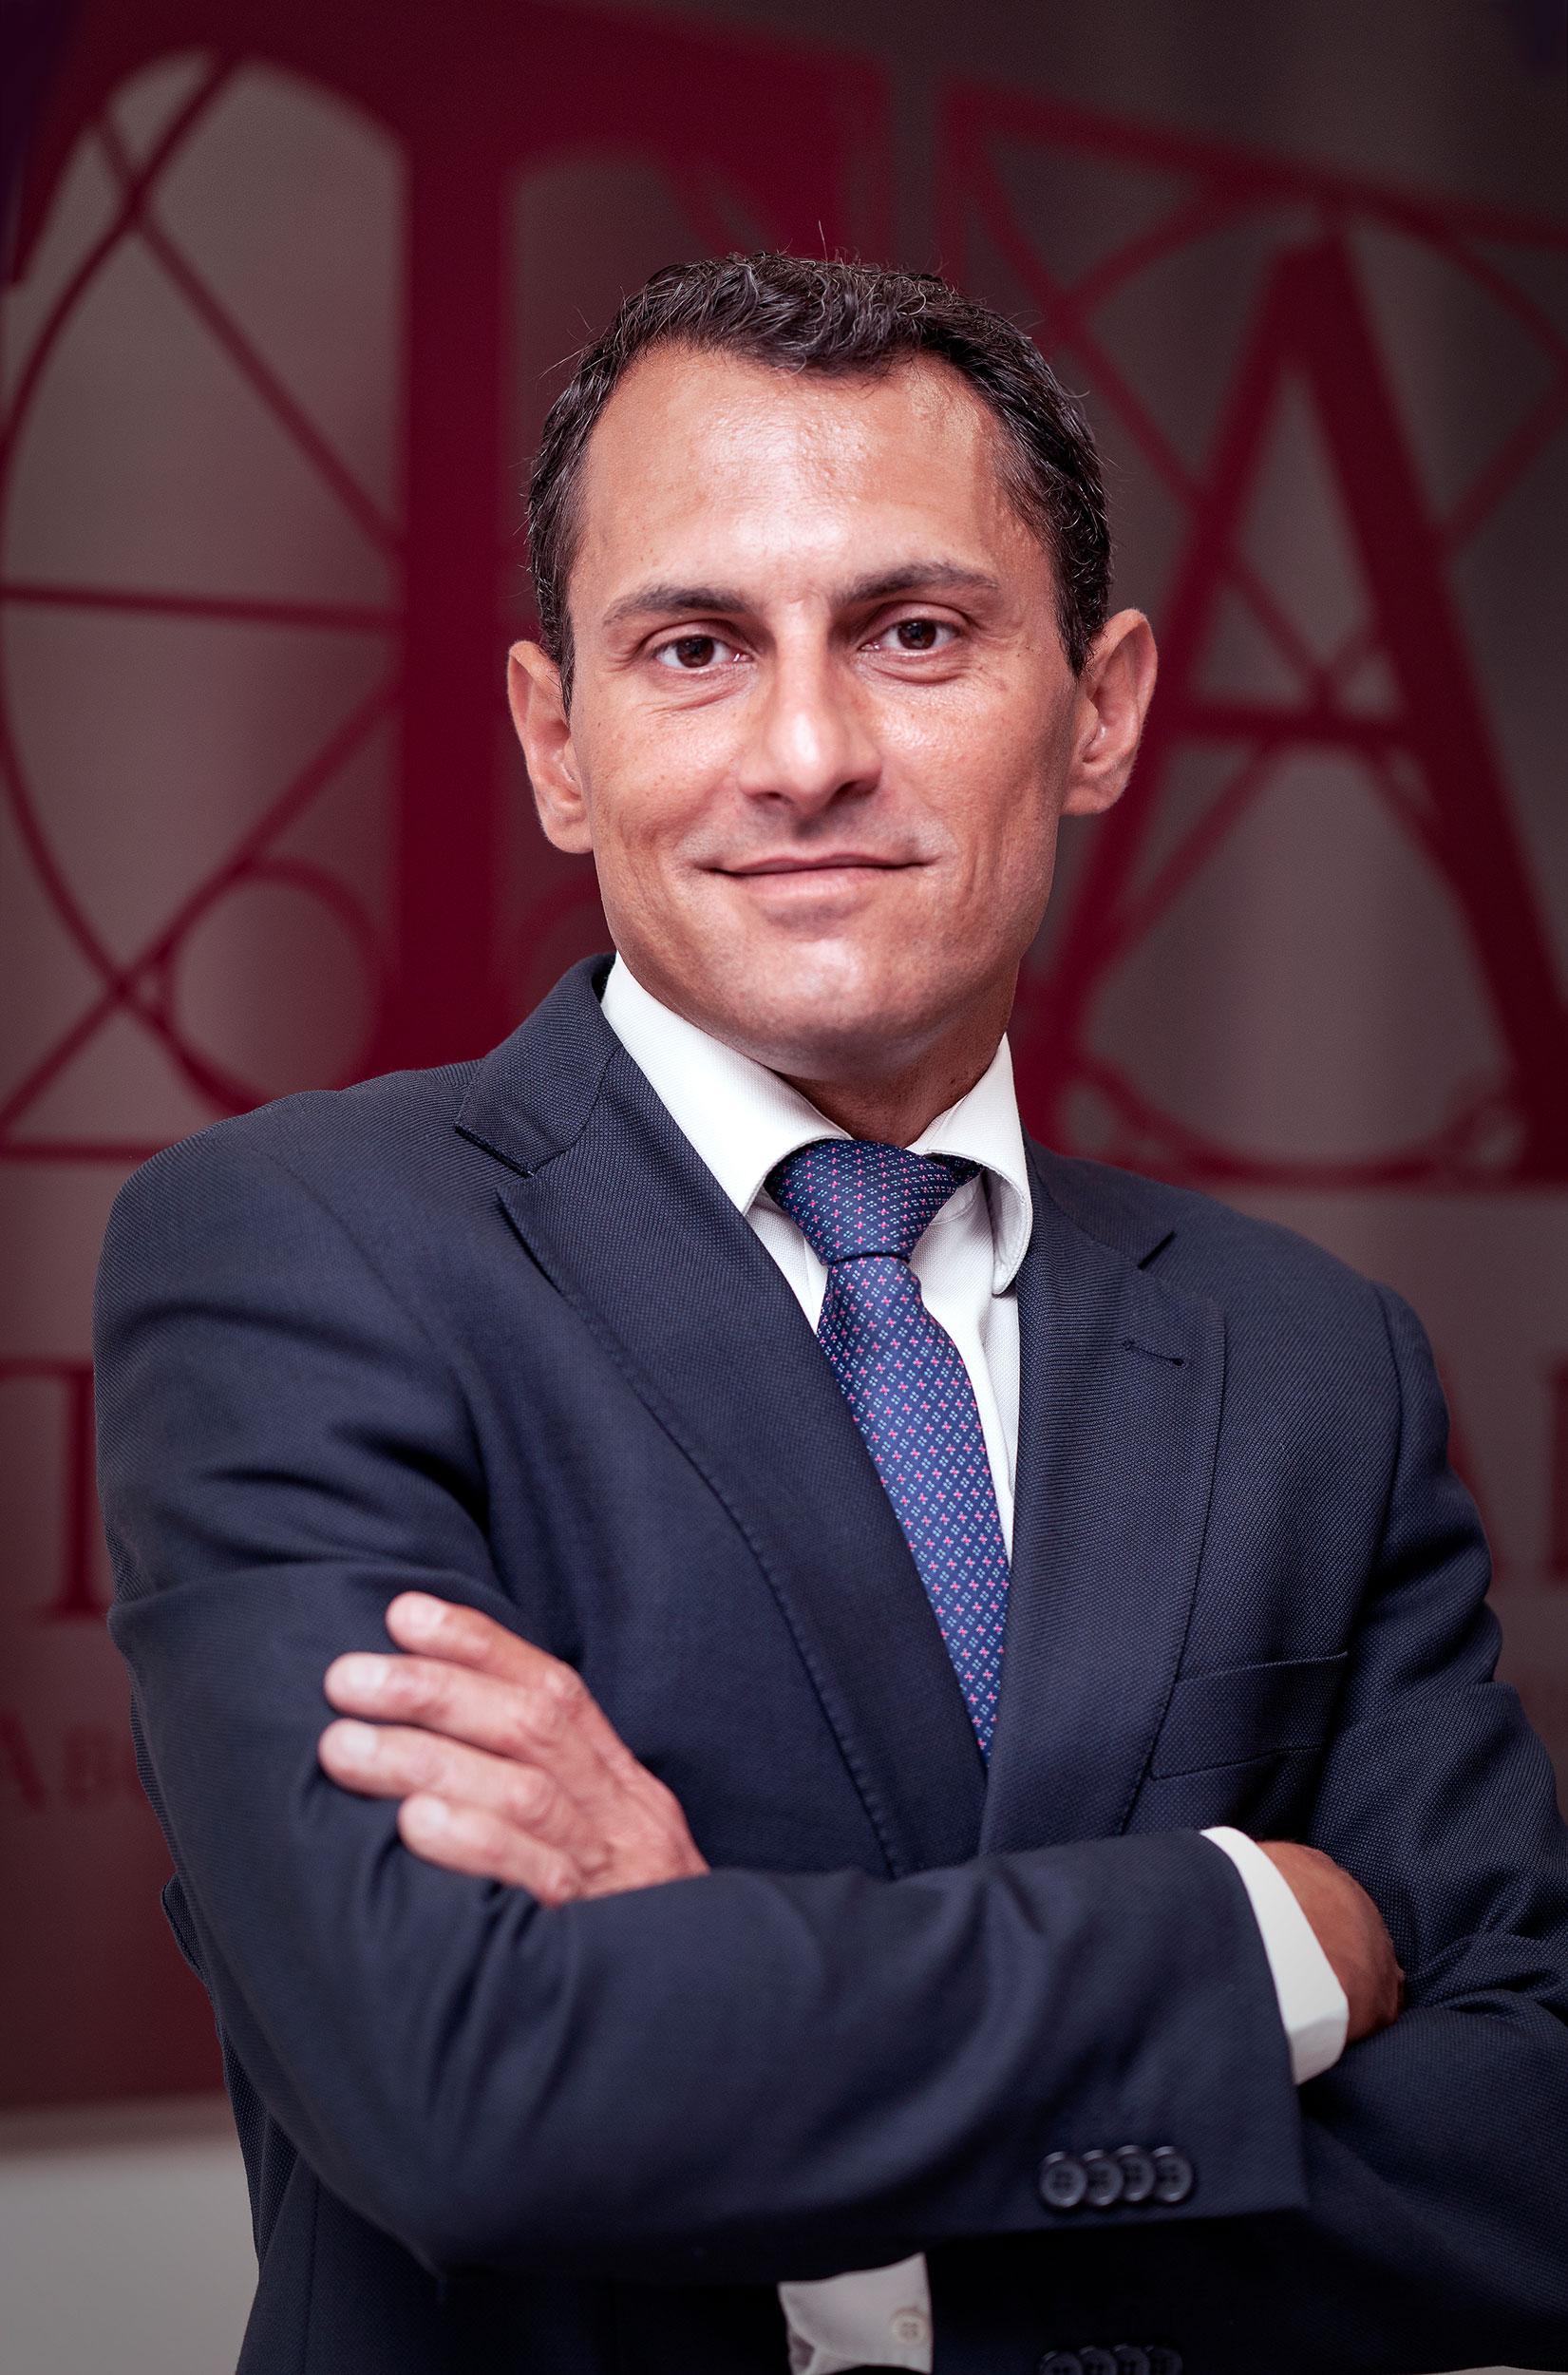 Rafael Donet Sepulveda